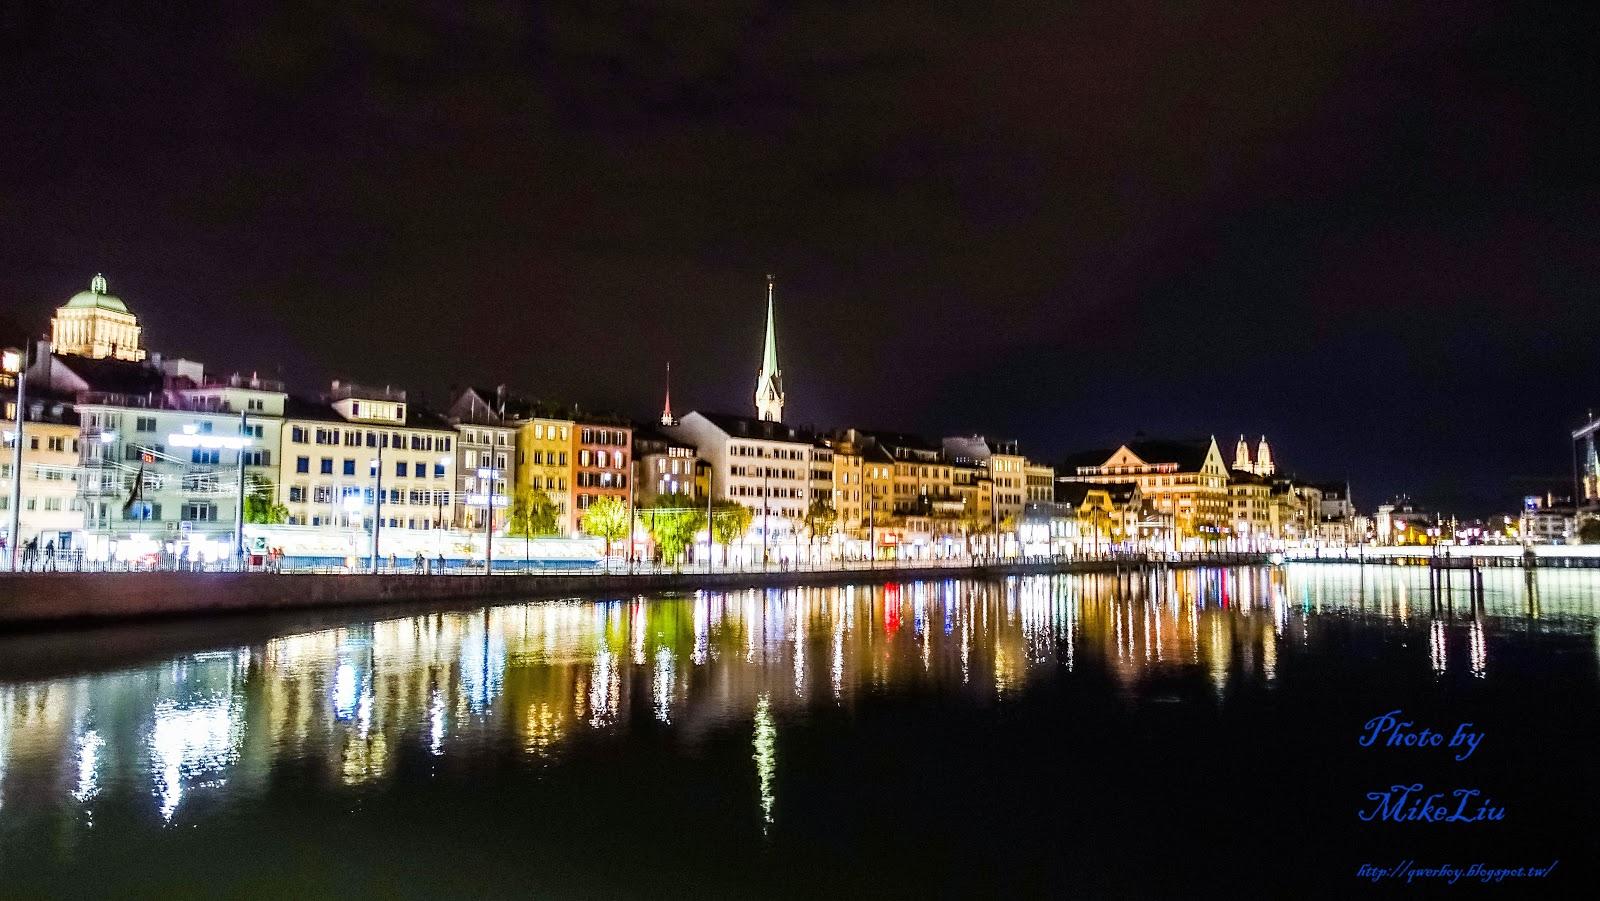 [瑞士]蘇黎世城區慢遊及Langstrasse紅燈區 - 麥克愛旅行